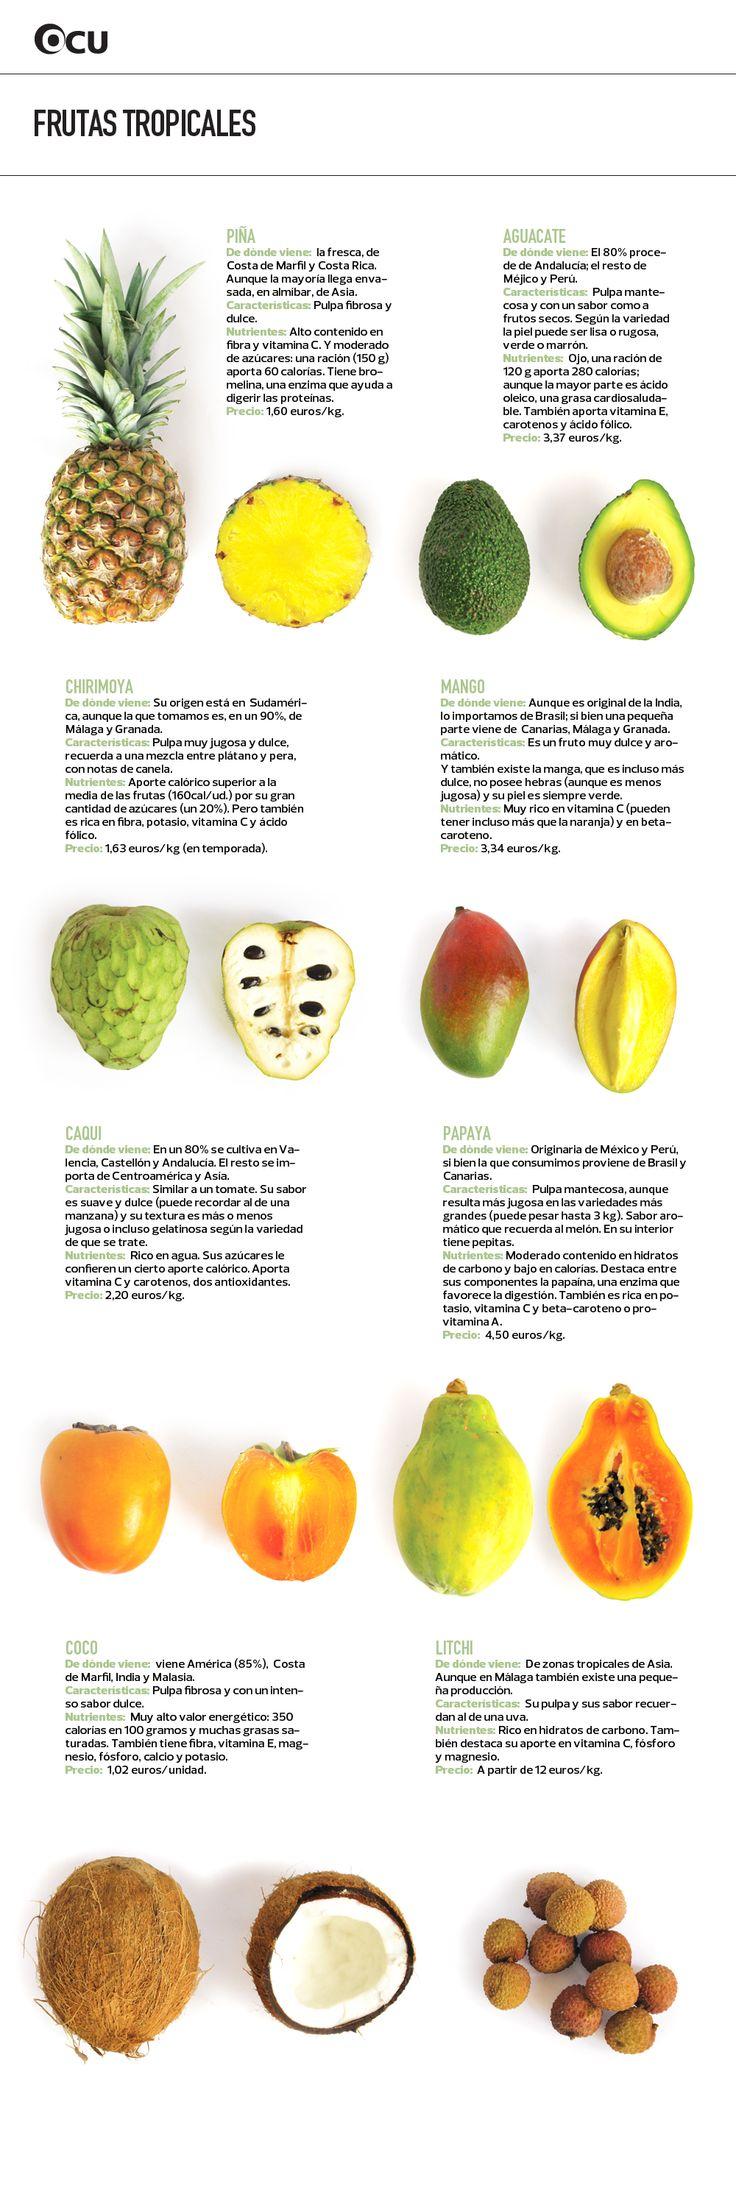 Si a tu paladar le va el exotismo, necesitas saberlo todo sobre los sabores del trópico. Piña, coco, mango, papaya... Sus características, nutrientes y precios.